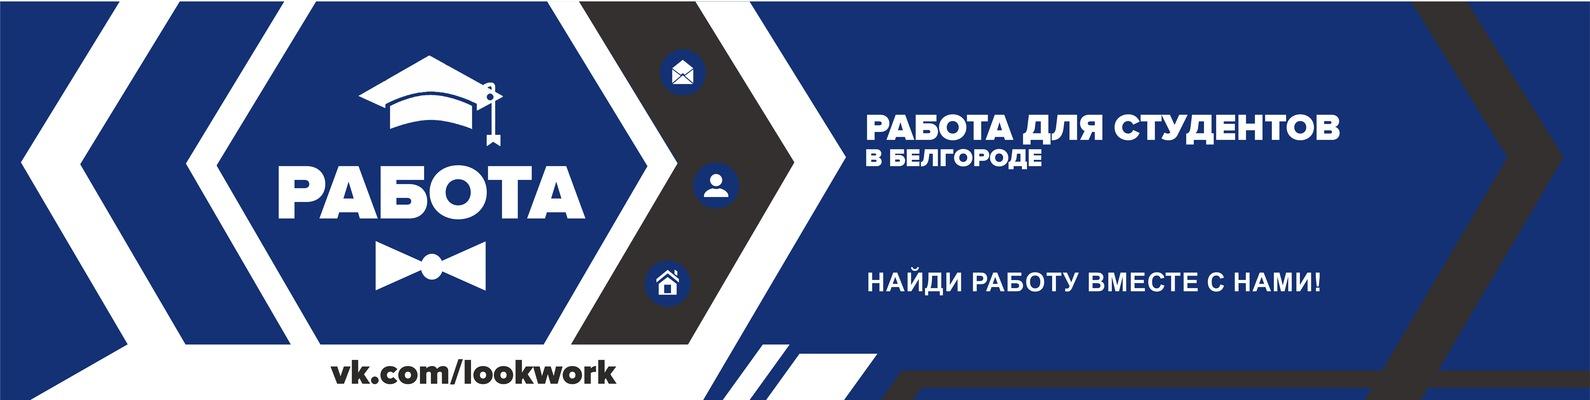 Как найти работу в белгороде студенту